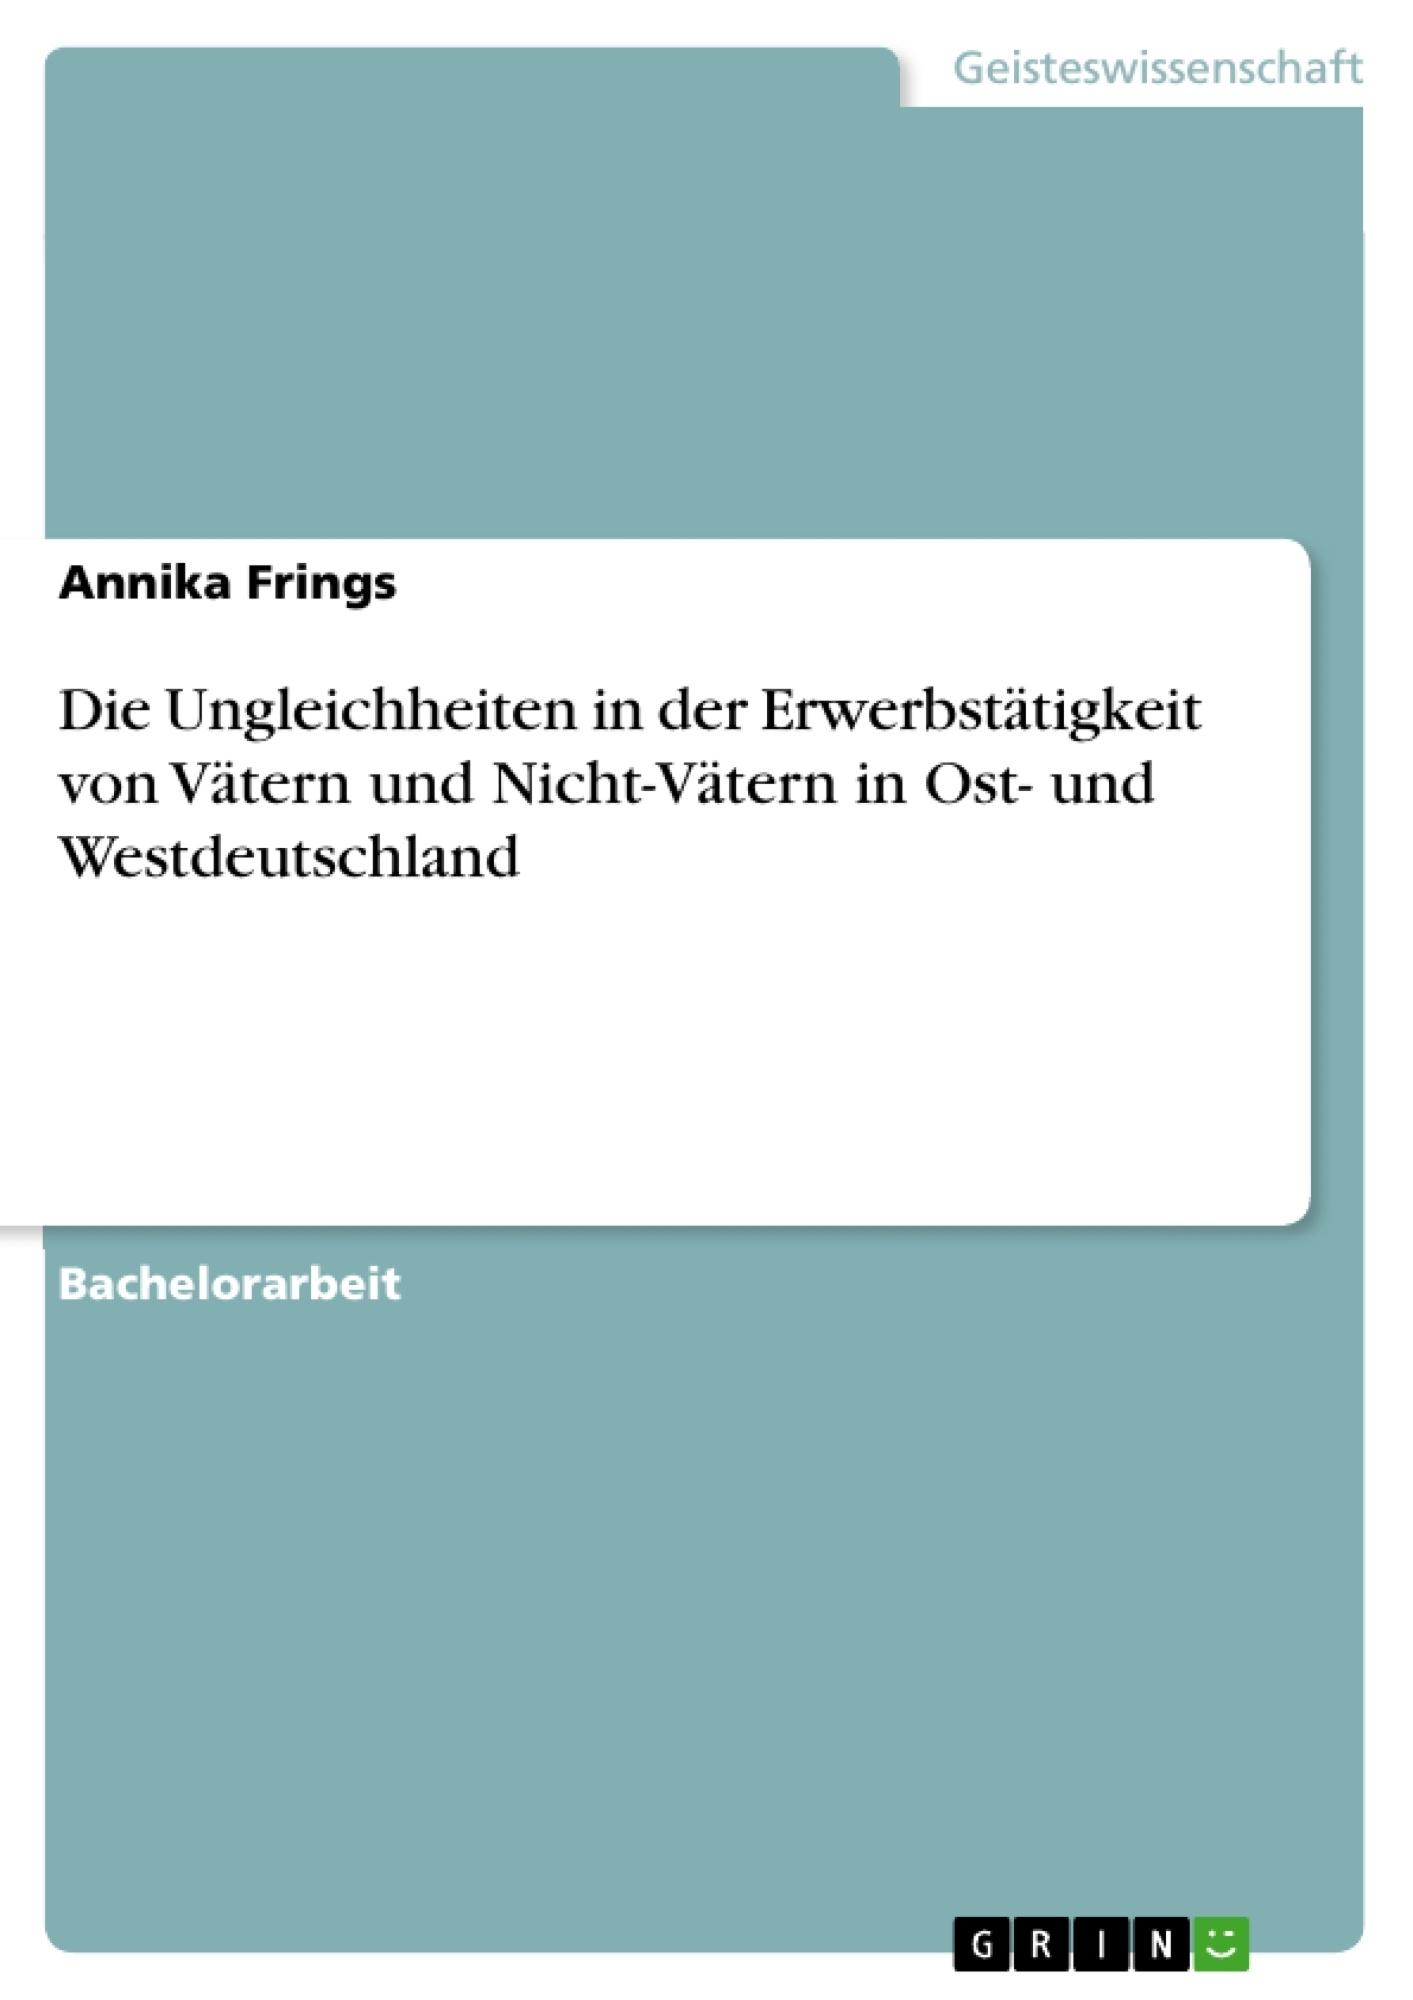 Titel: Die Ungleichheiten in der Erwerbstätigkeit von Vätern und Nicht-Vätern in Ost- und Westdeutschland